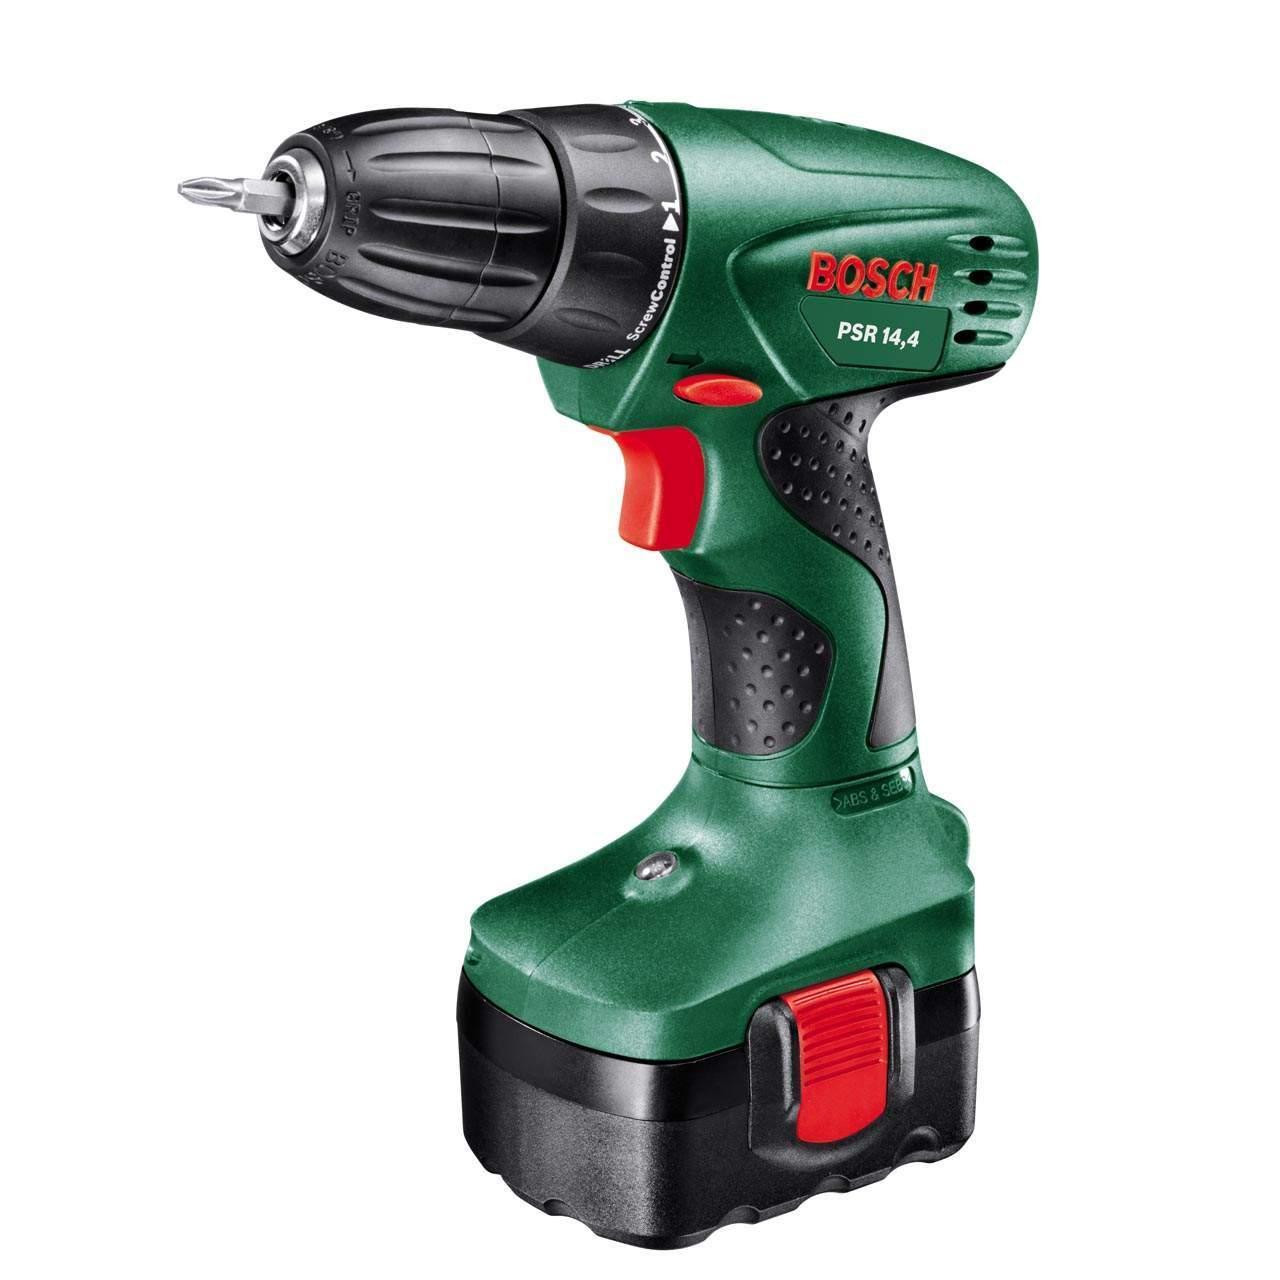 Bosch PSR 14.4 (0603955420)PSR 14,4